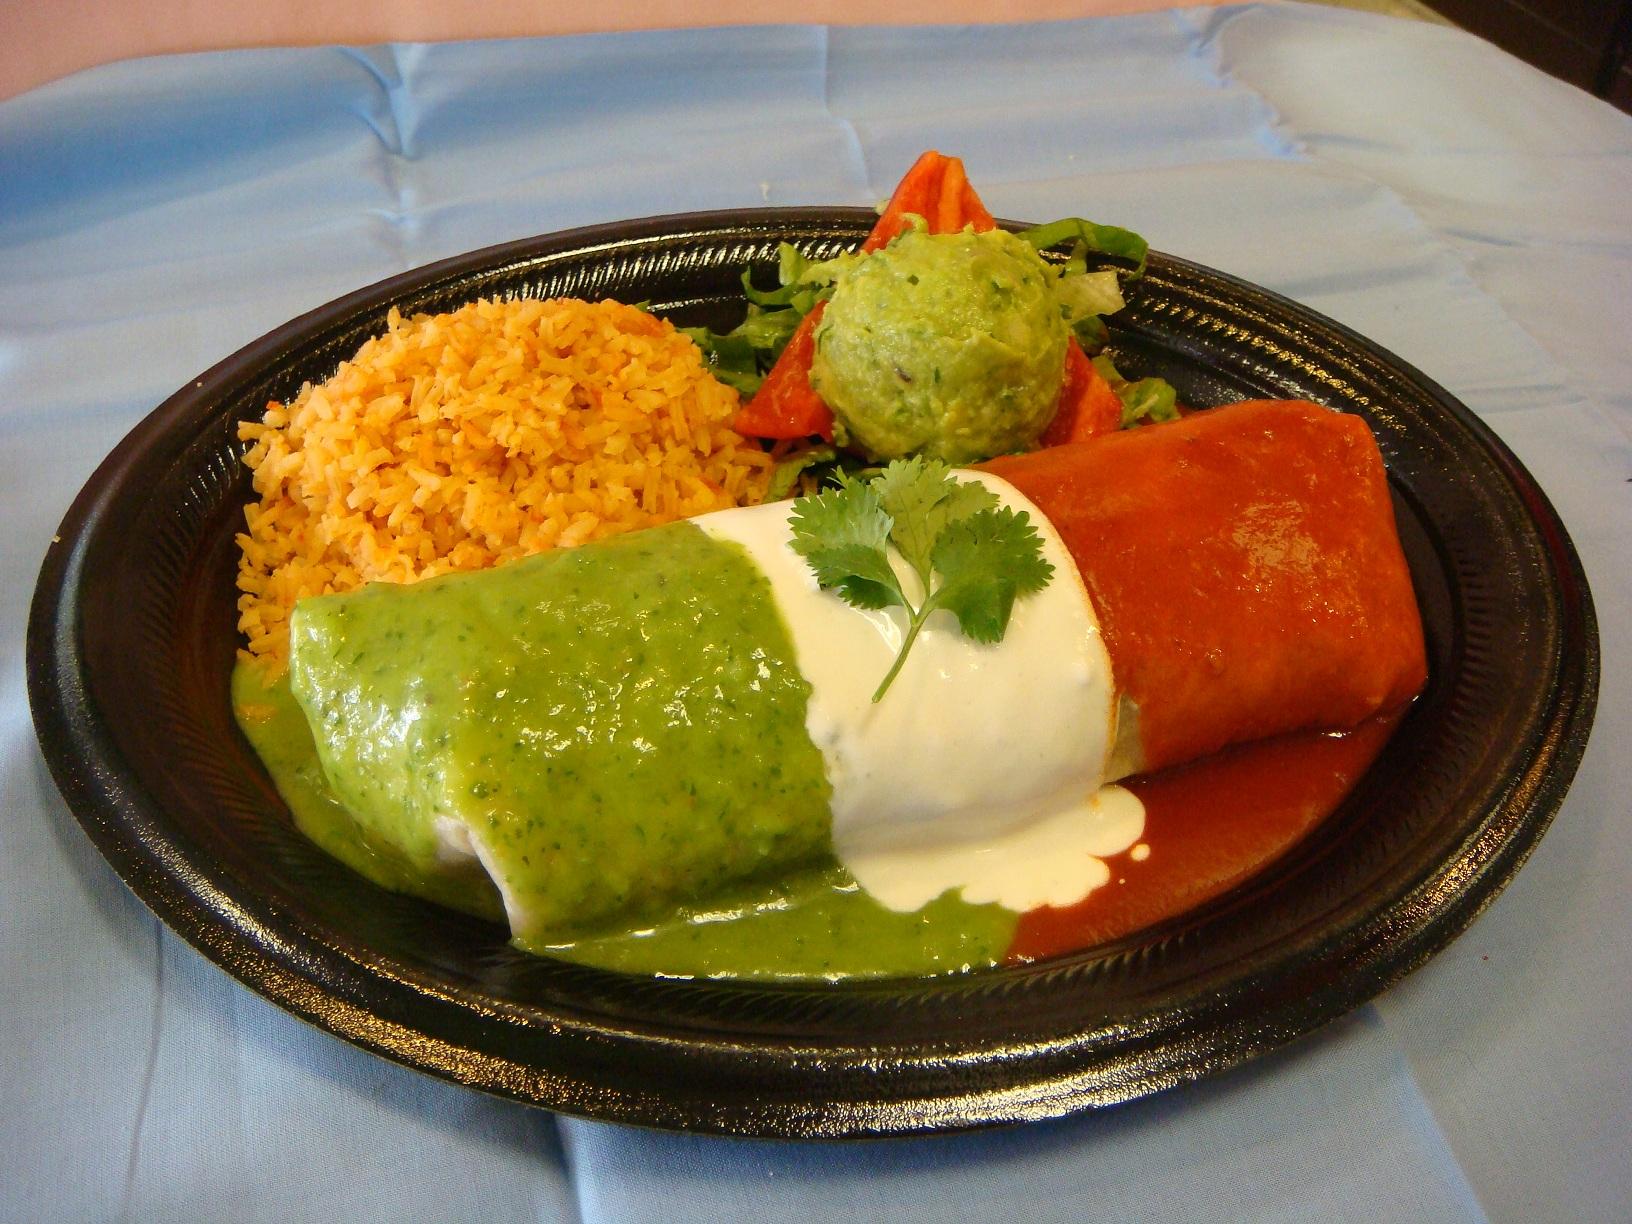 El Durango Grill image 3